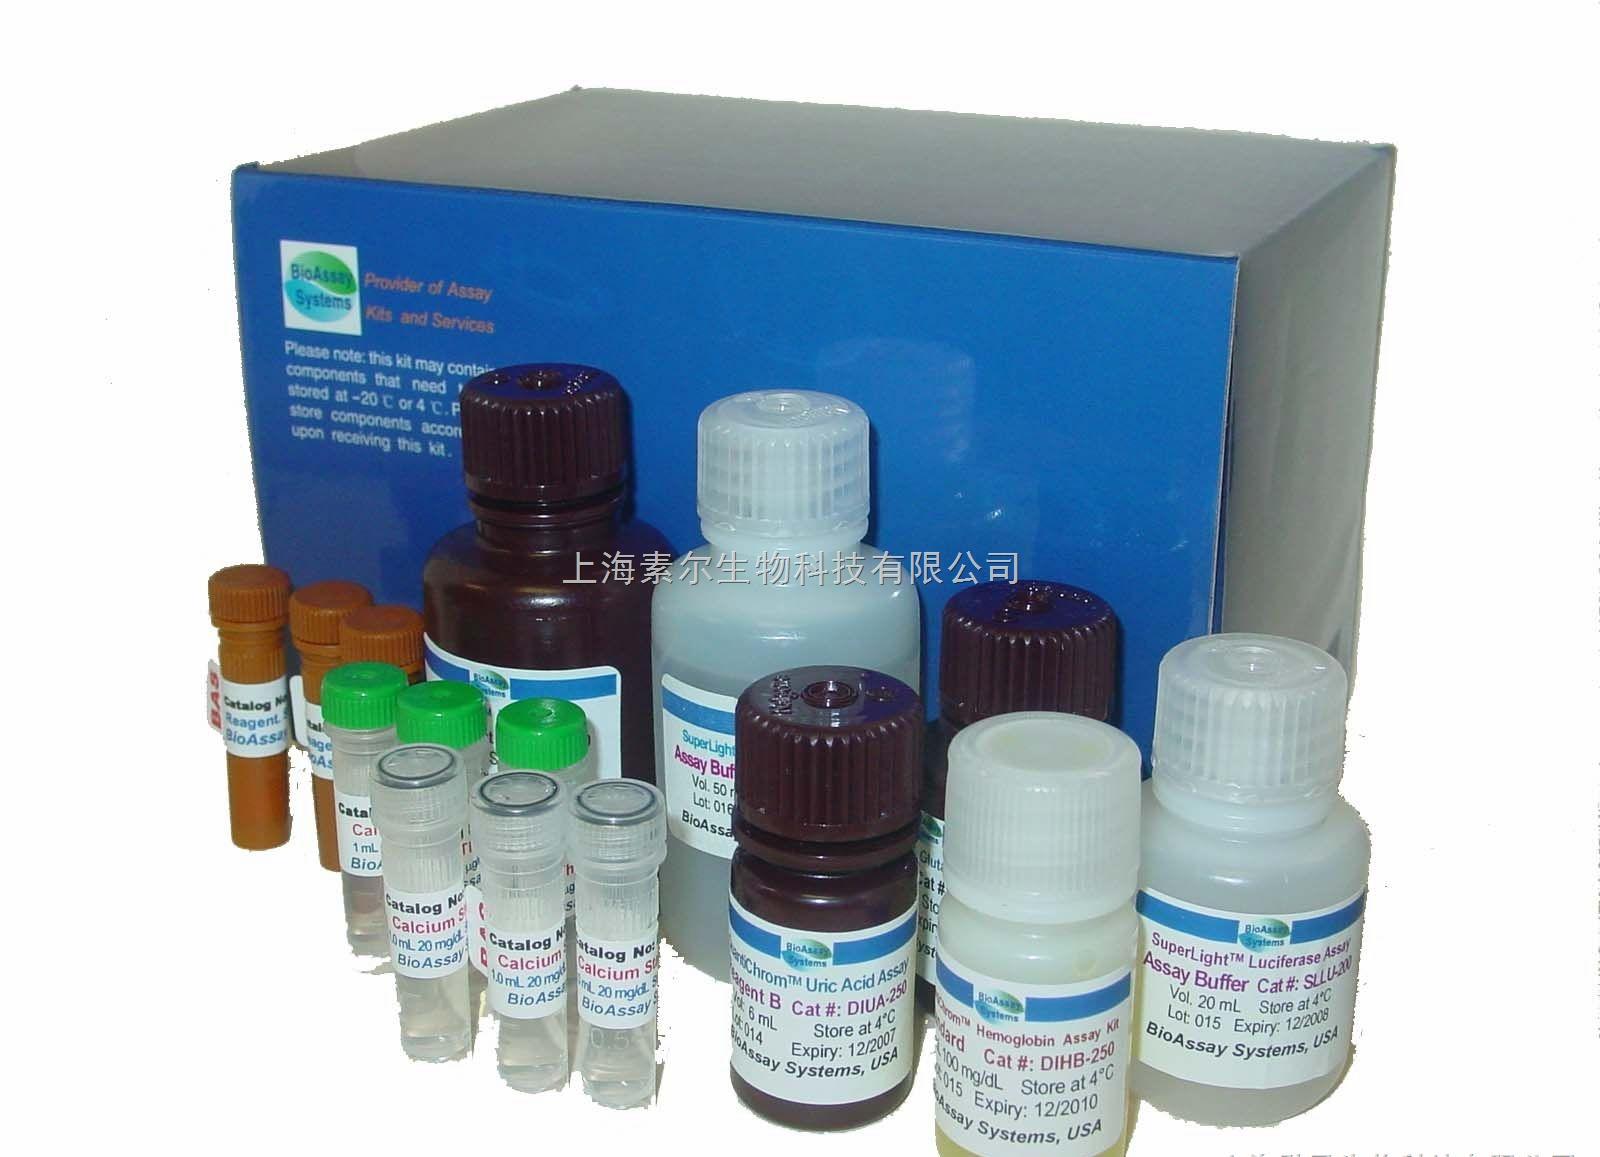 人中性粒细胞明胶酶相关脂质运载蛋白(NGAL)ELISA试剂盒